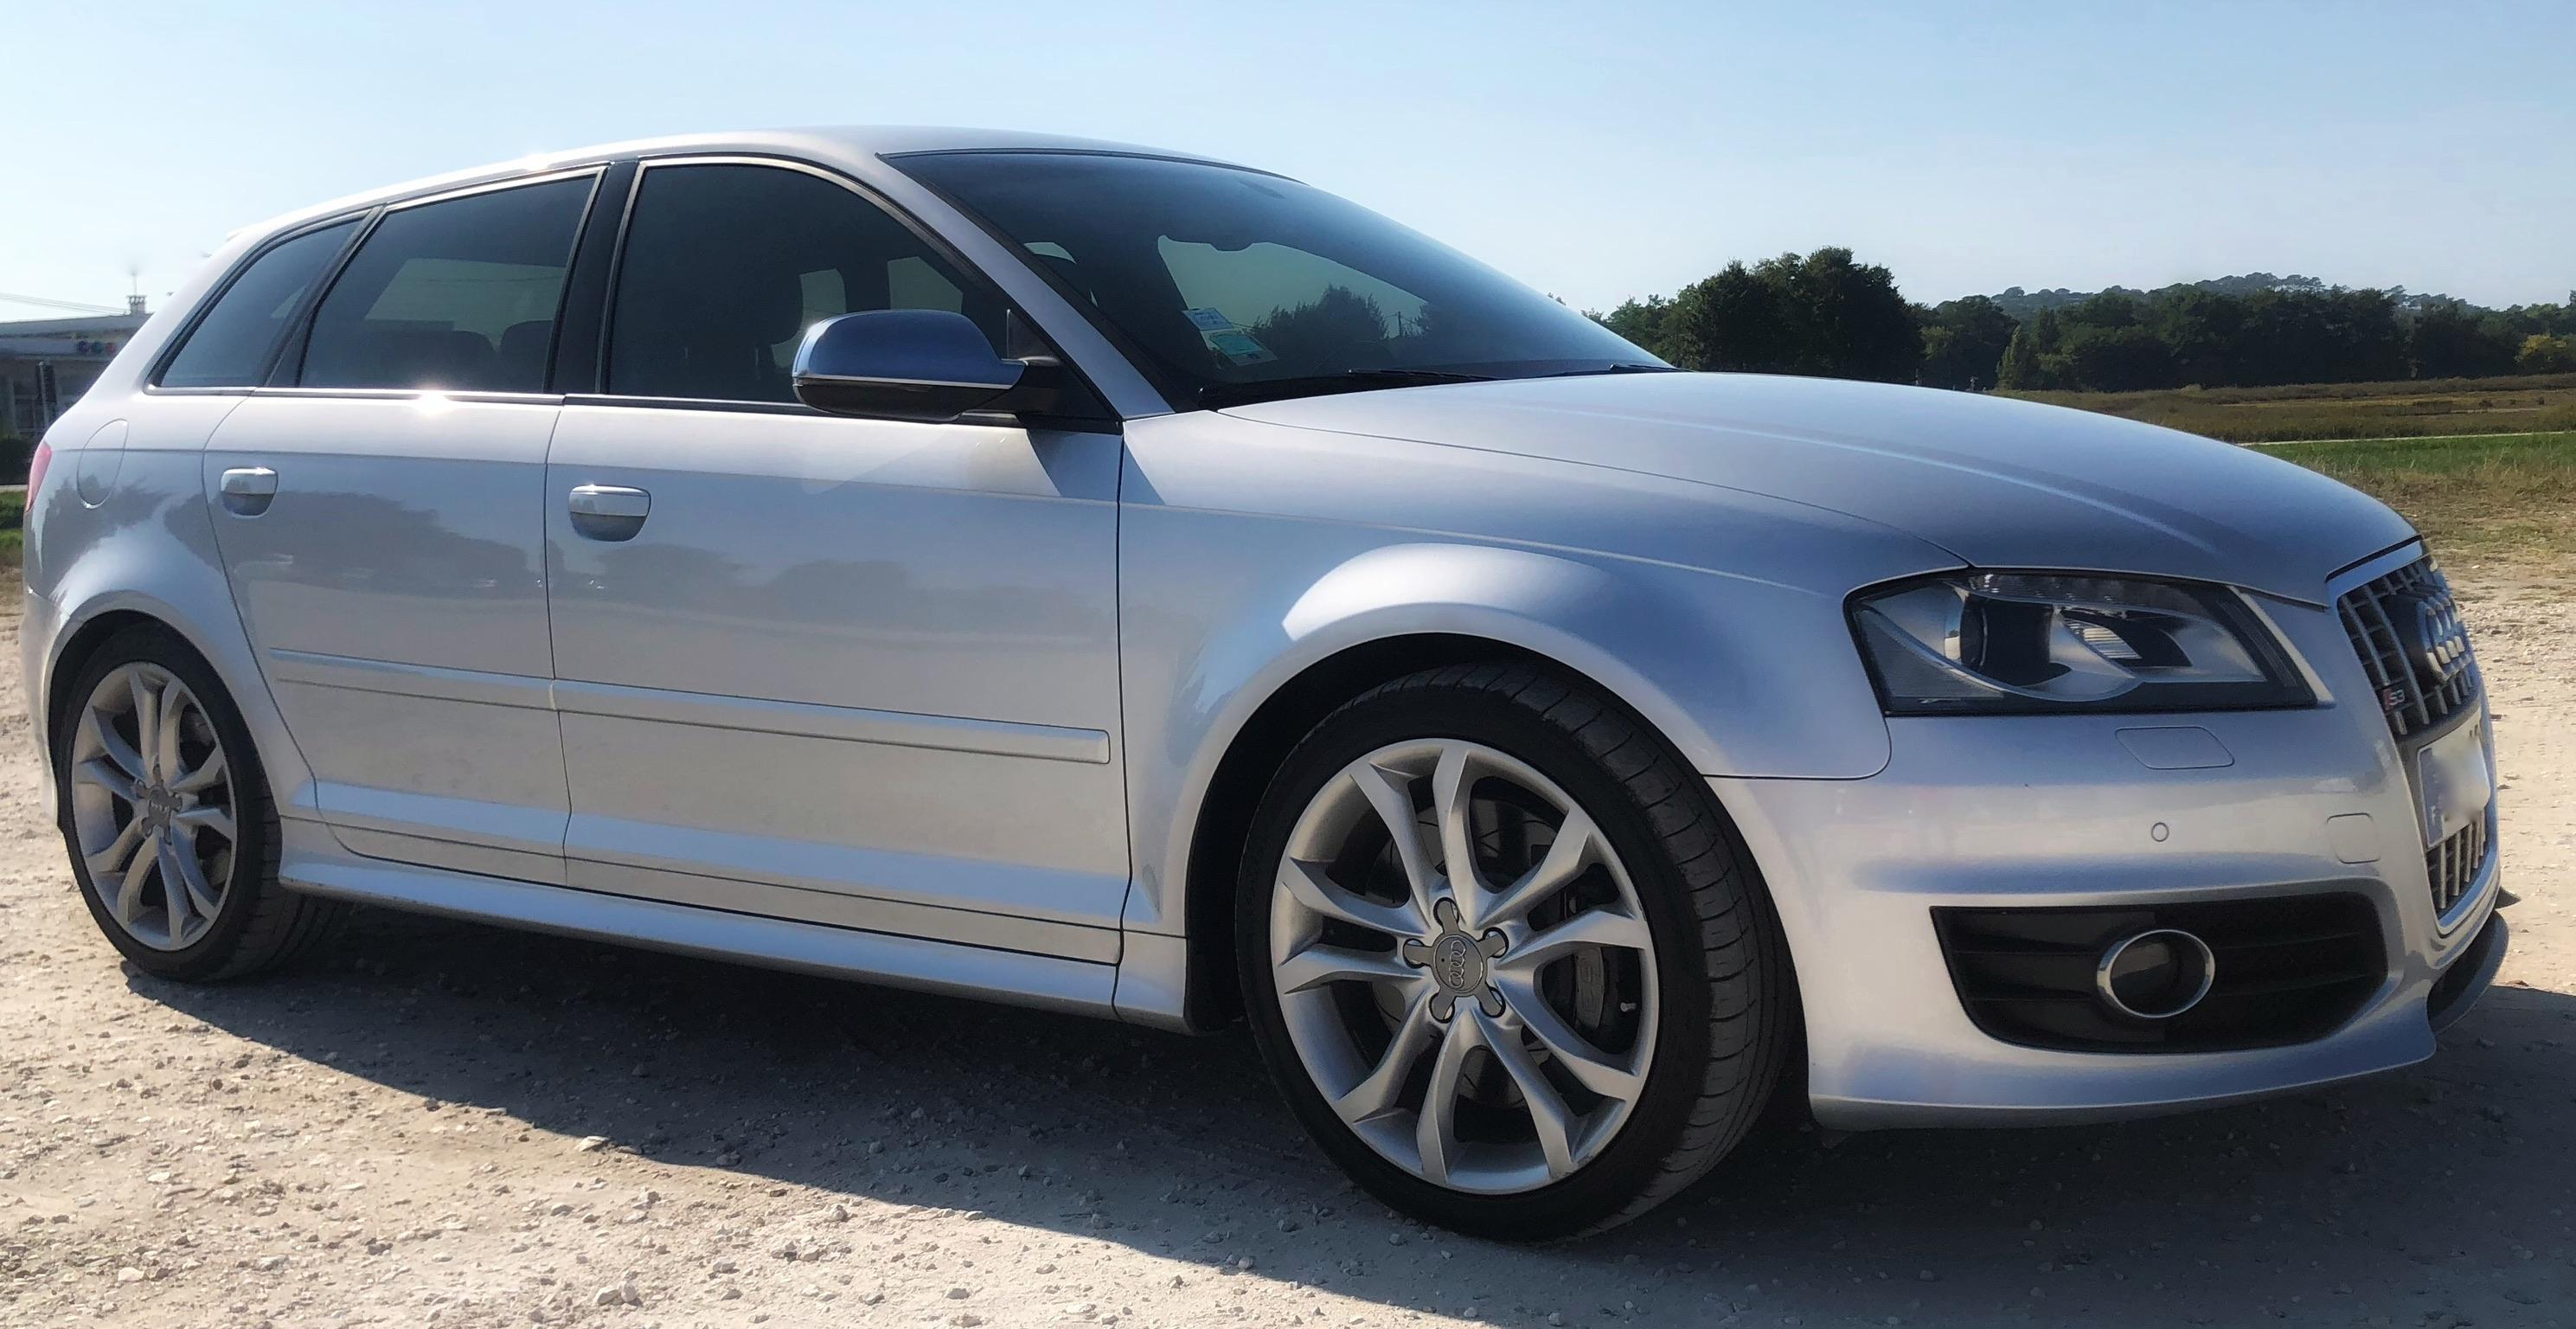 Audi S3 Quattro S Tronic de 2011 à vendre 15900 euros